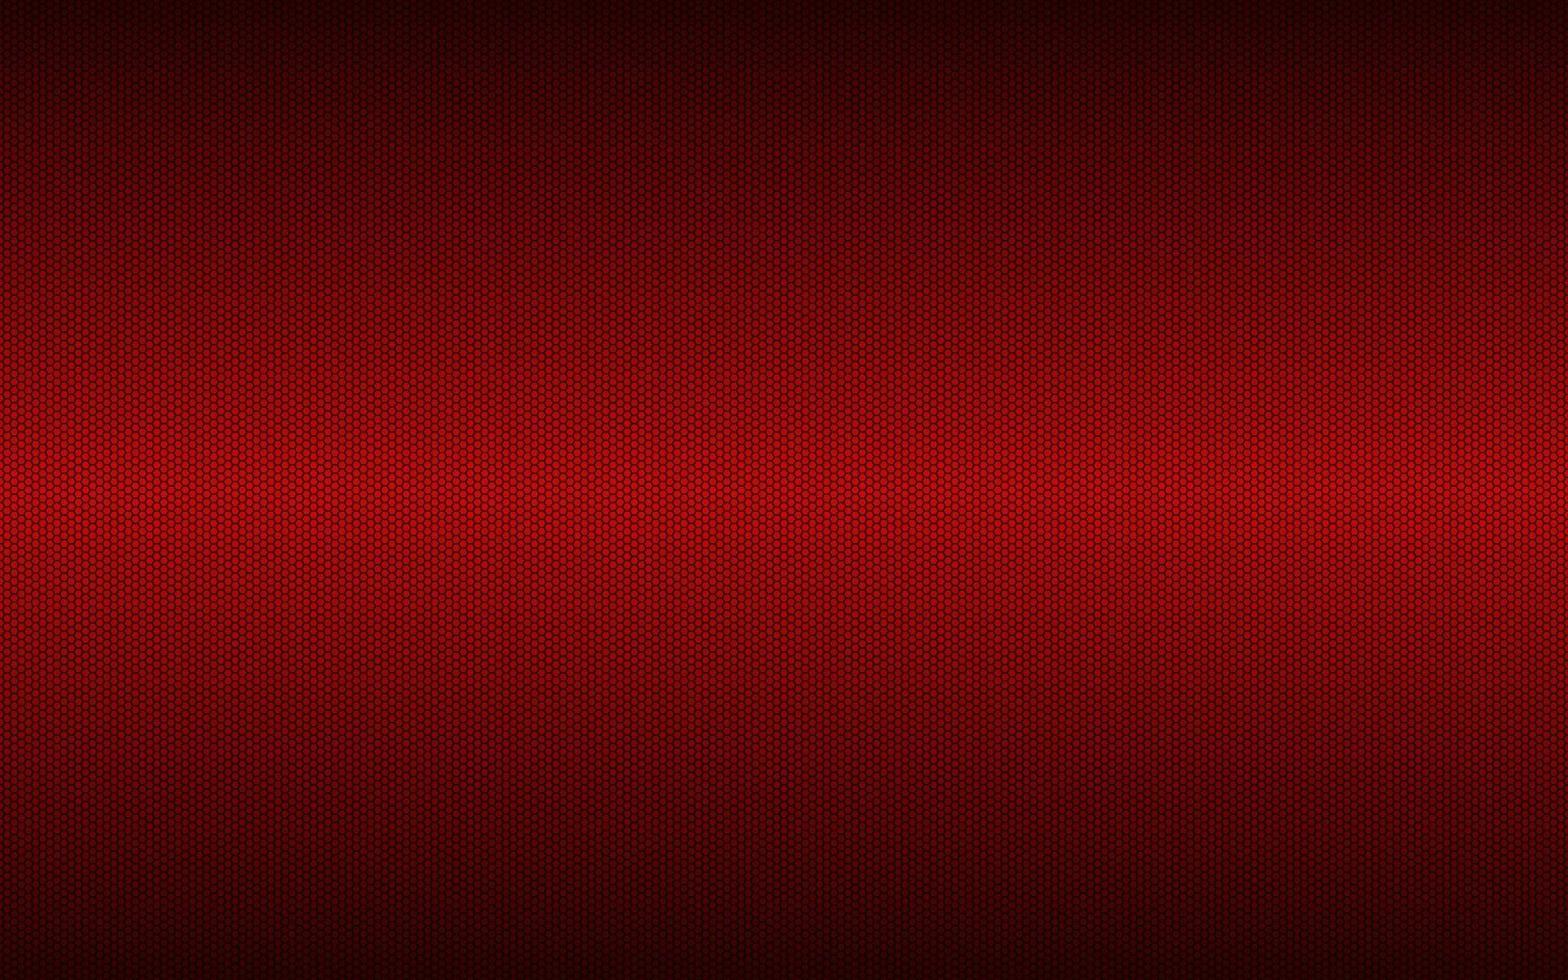 sfondo geometrico rosso moderno ad alta risoluzione con griglia poligonale. modello esagonale metallico scuro astratto. semplice illustrazione vettoriale